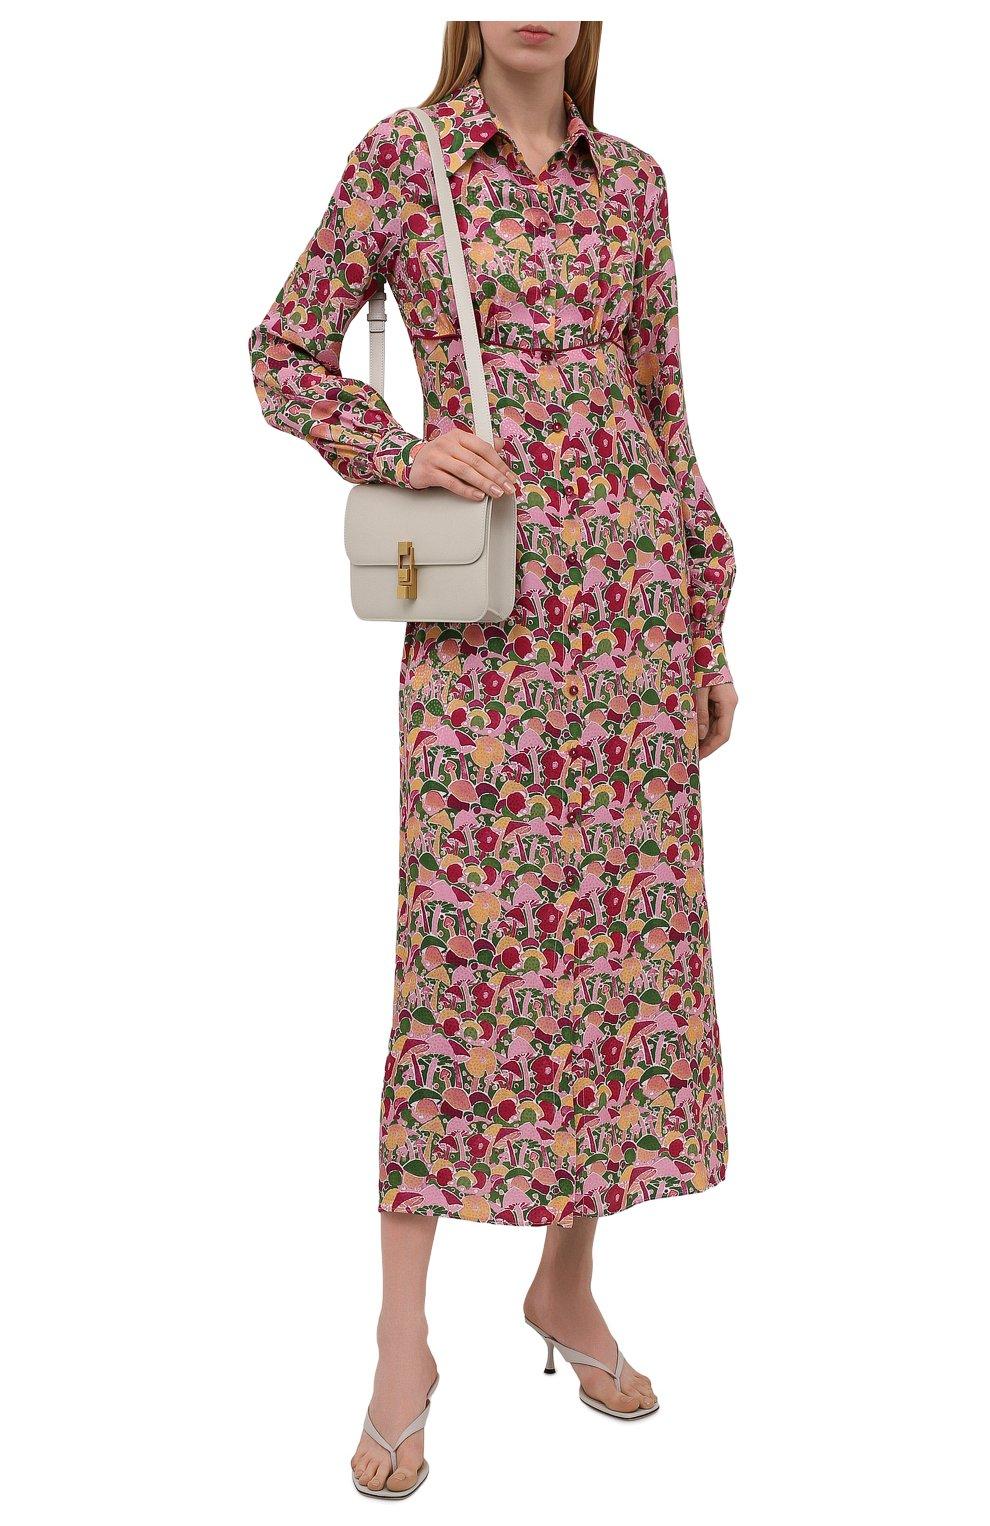 Женское платье из вискозы и шелка M MISSONI разноцветного цвета, арт. 2DG00545/2W0070 | Фото 2 (Женское Кросс-КТ: платье-рубашка, Платье-одежда; Материал внешний: Шелк, Вискоза; Рукава: Длинные; Случай: Повседневный; Длина Ж (юбки, платья, шорты): Миди; Стили: Бохо)